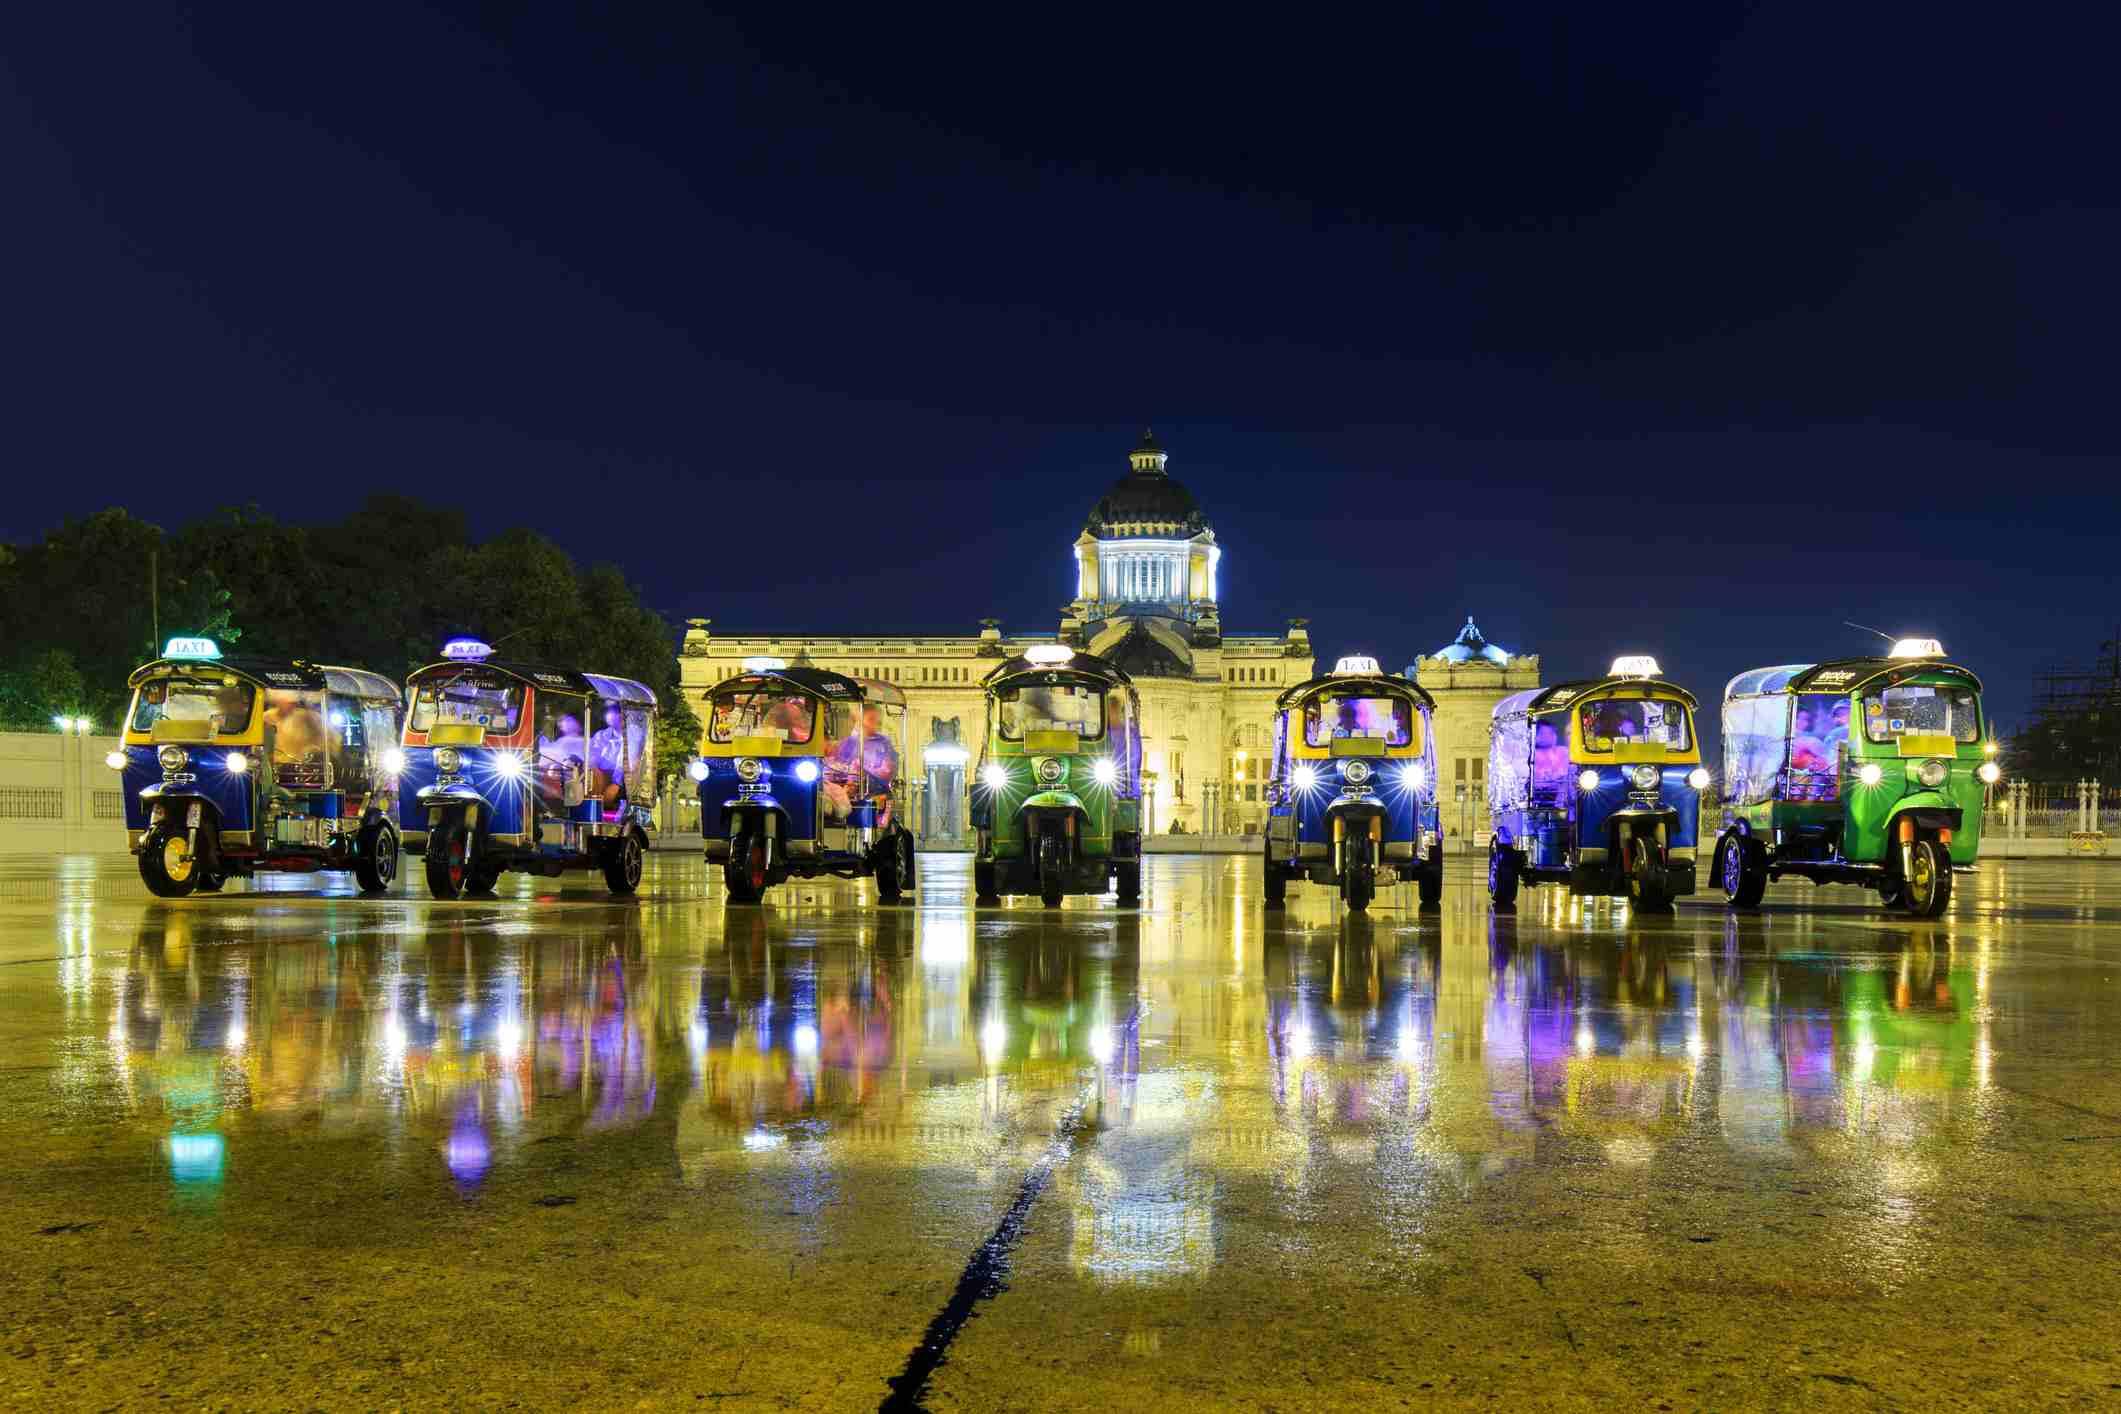 Tuk-tuks at the Bangkok Grand Palace, Thailand